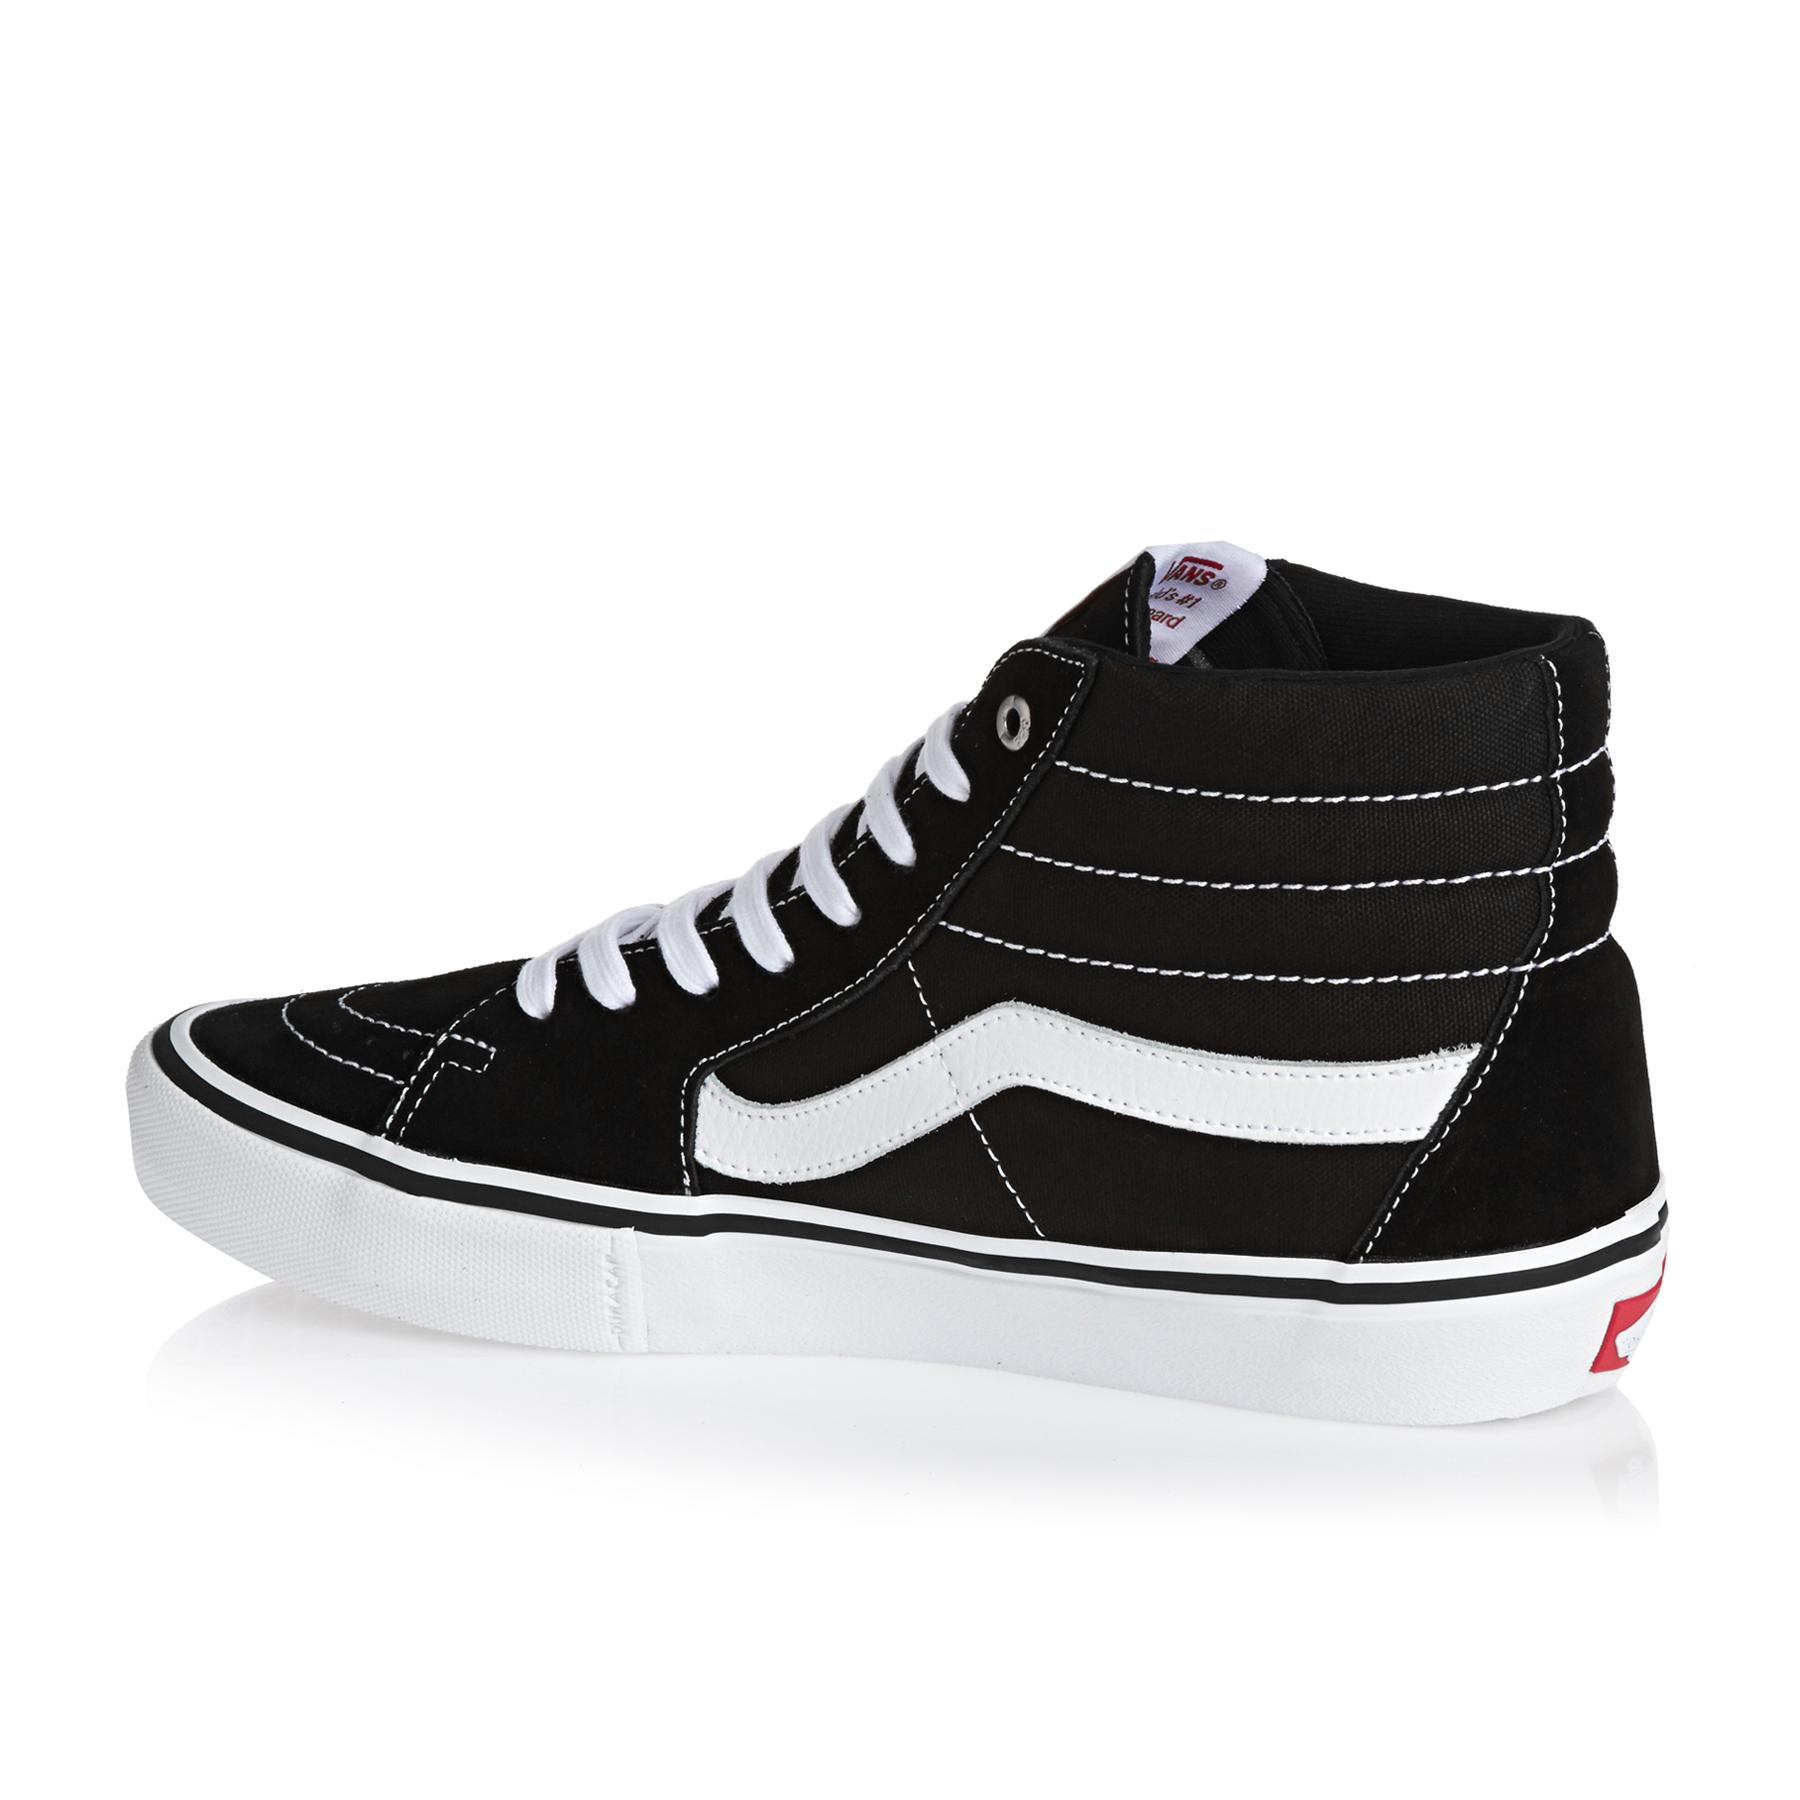 Vans SK8 Hi Pro Schuhe | Kostenlose Lieferung | Surfdome